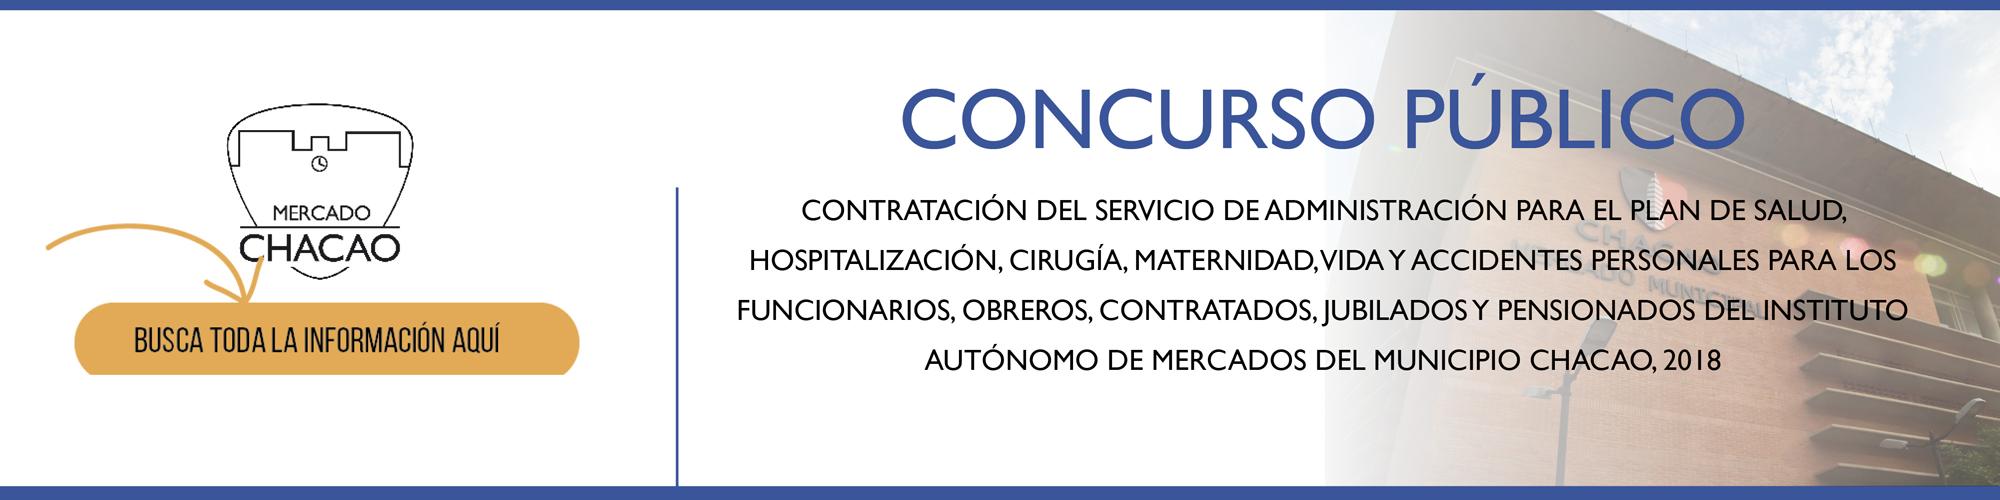 CONCURSO PÚBLICO N° IAMMCH-CCP-CA-2018-001